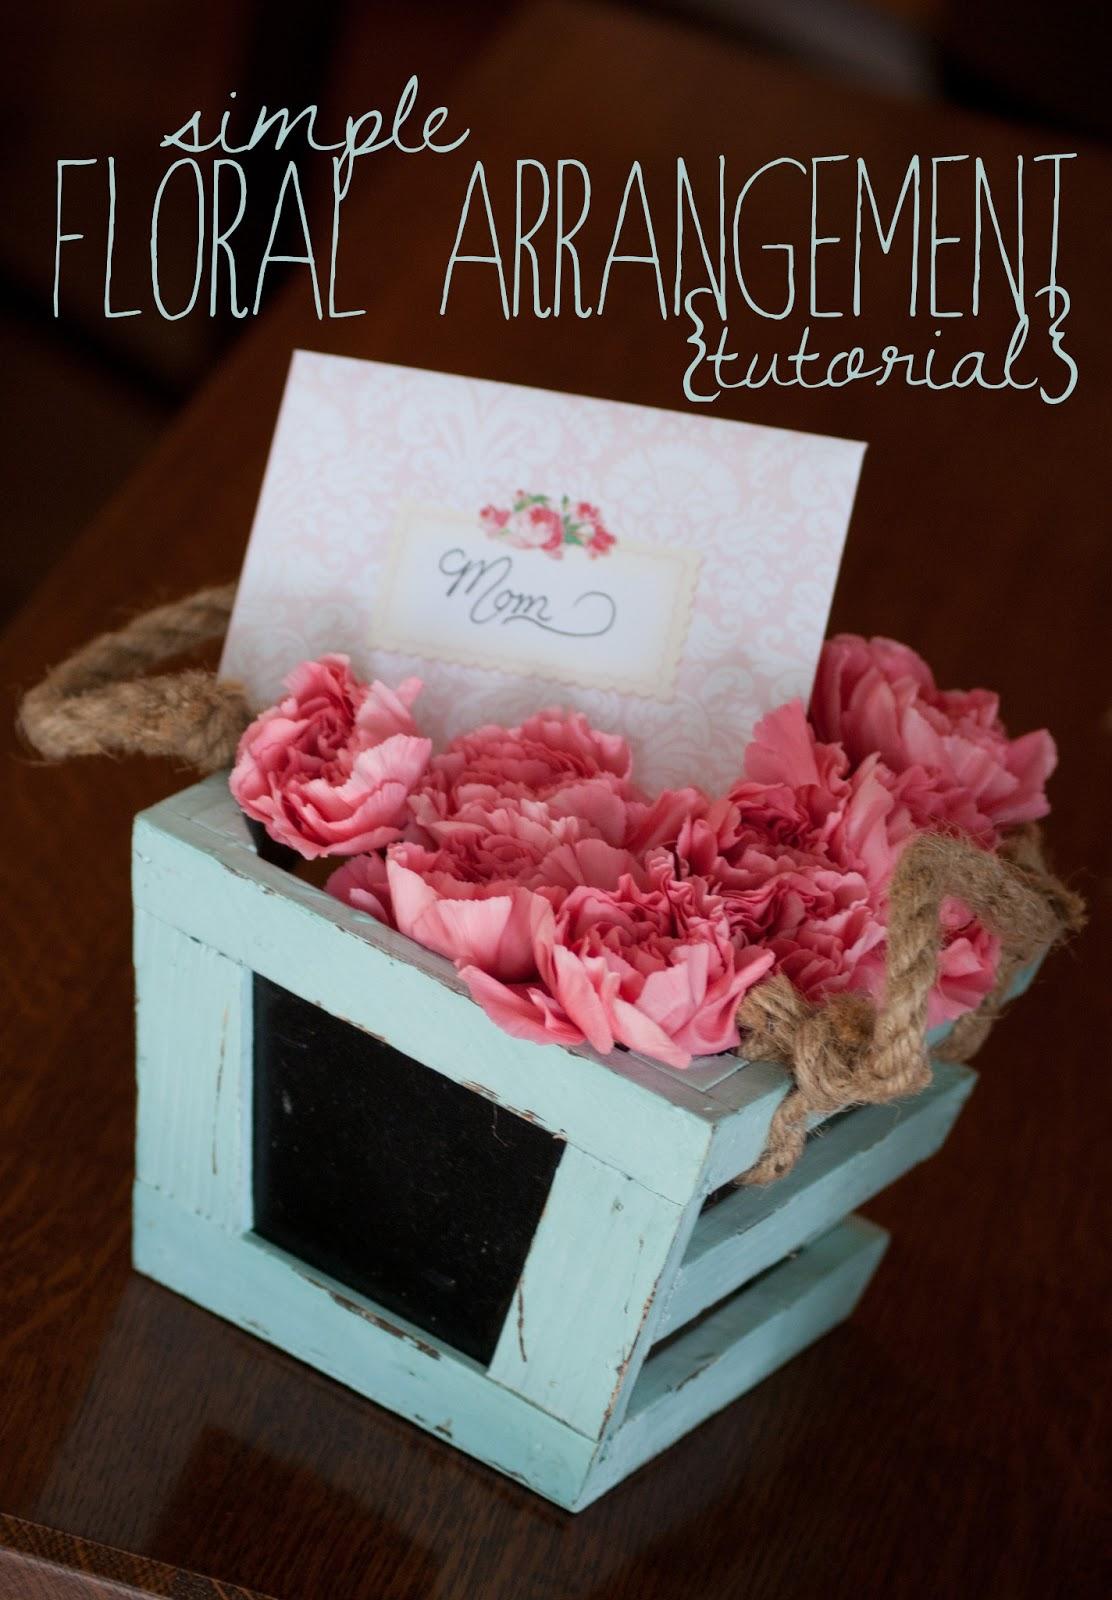 Simple floral arrangement tutorial averie lane